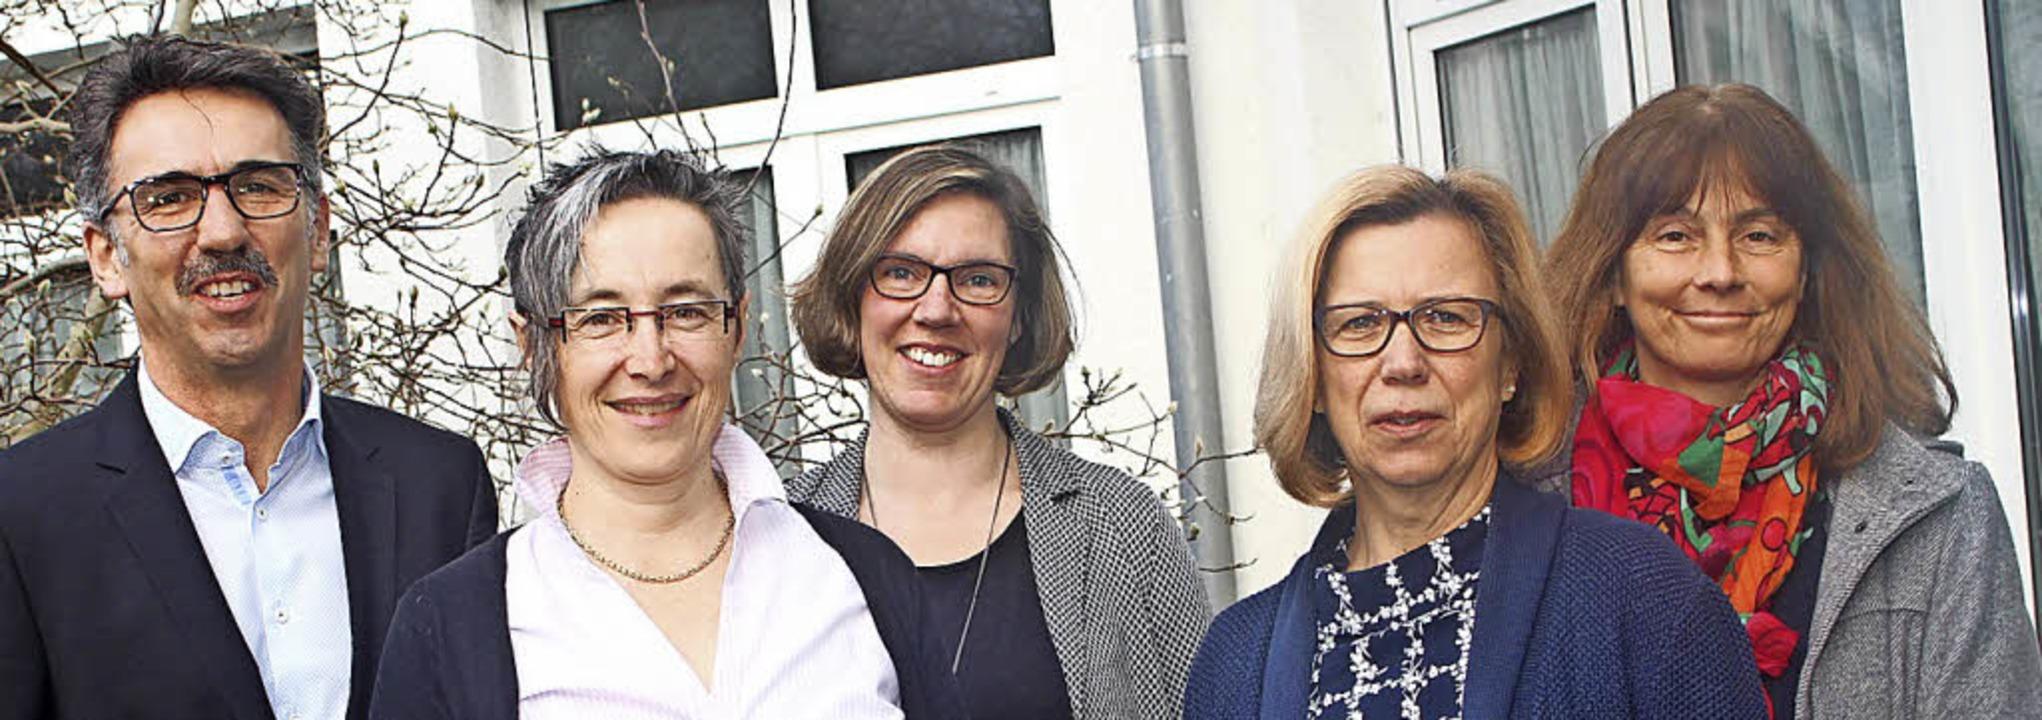 Freuen sich über Eröffnung des neuen S...queline Dumontvom Rathaus Schopfheim.   | Foto: anja bertsch